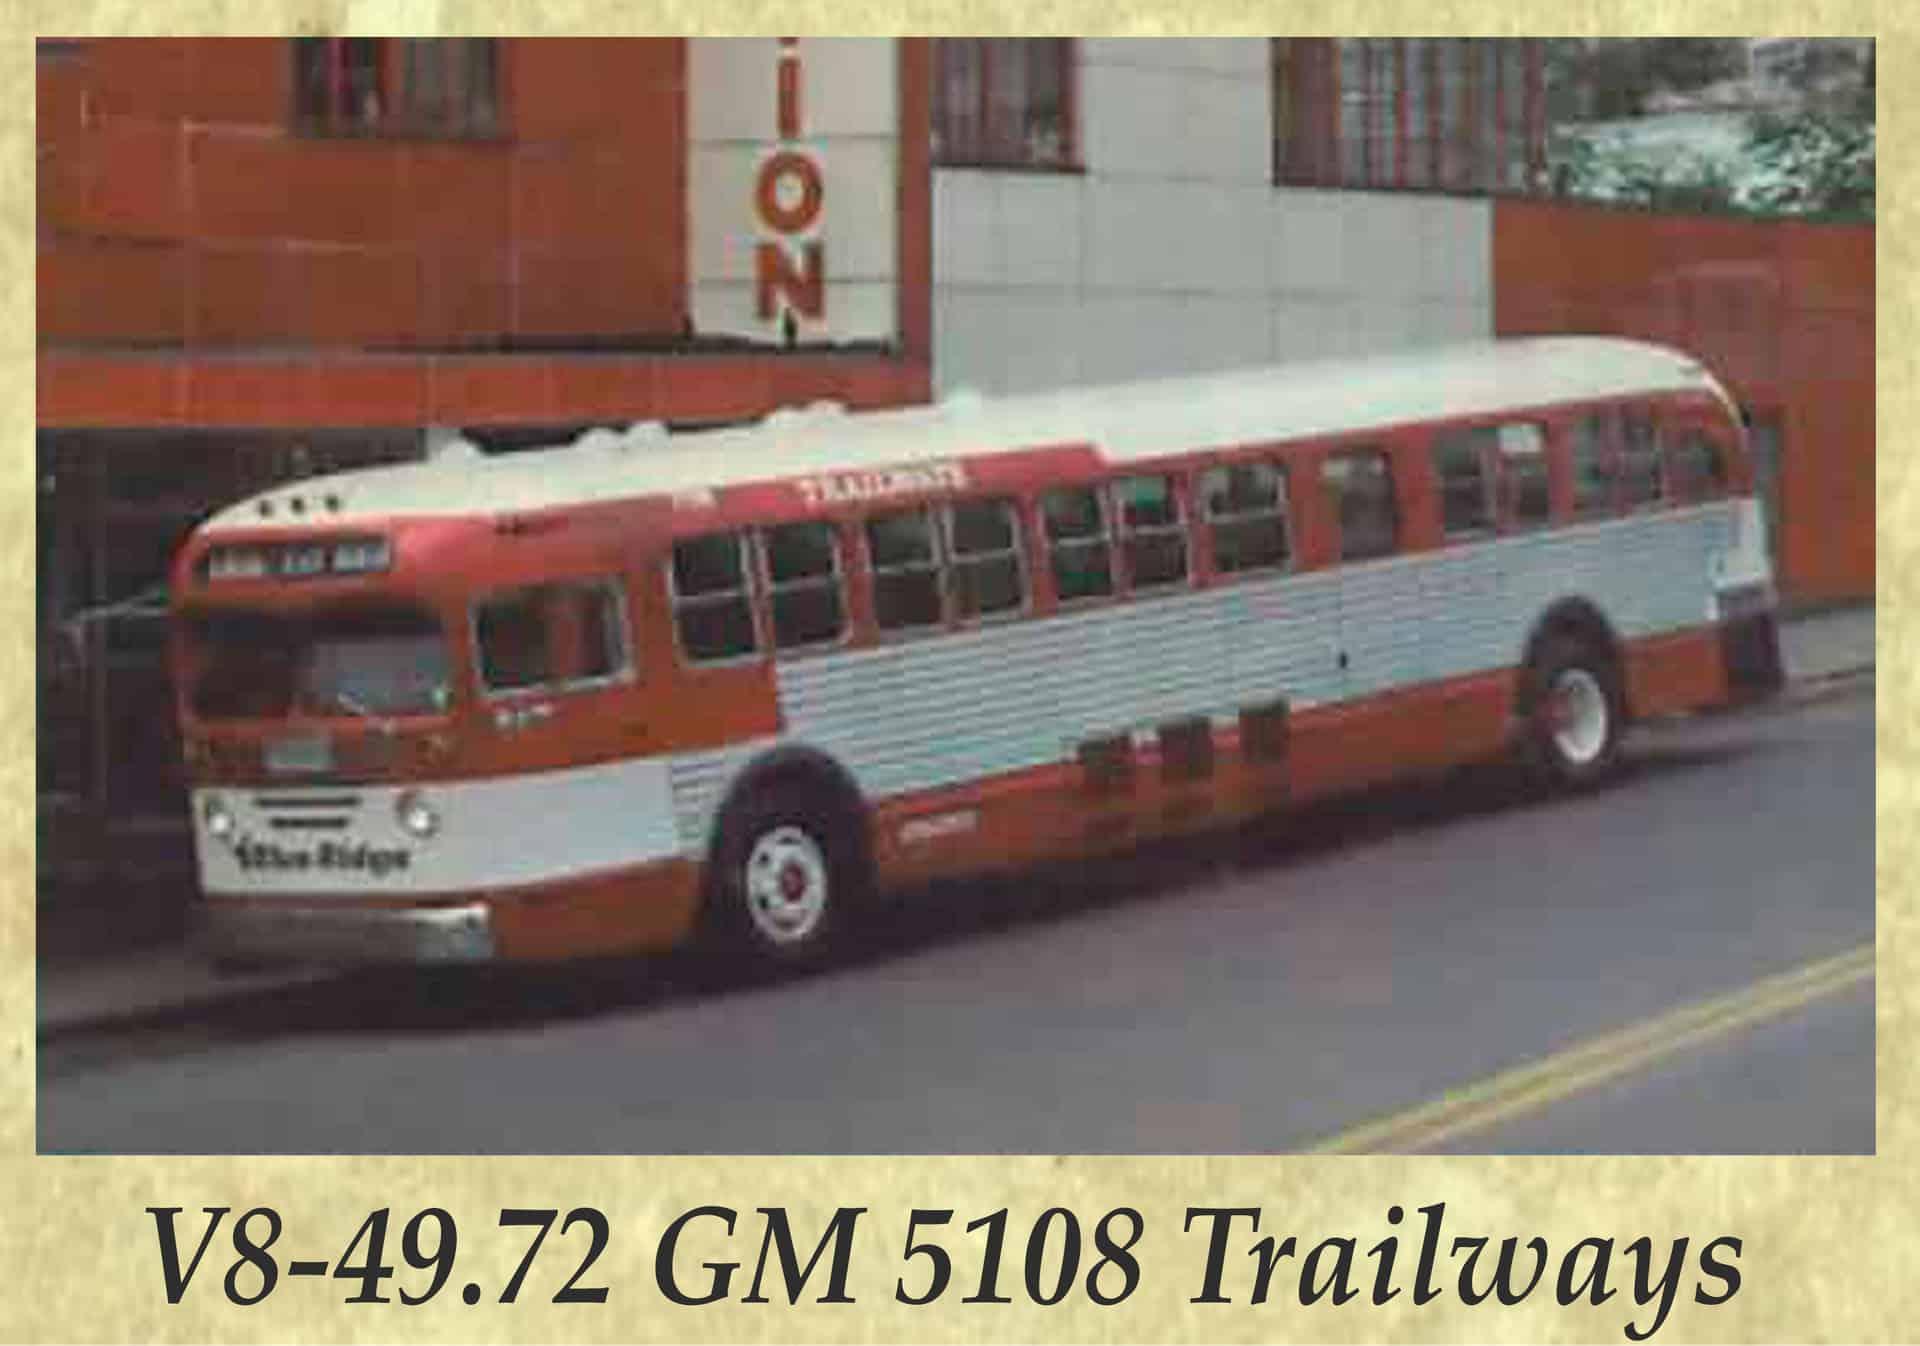 V8-49.72 GM 5108 Trailways